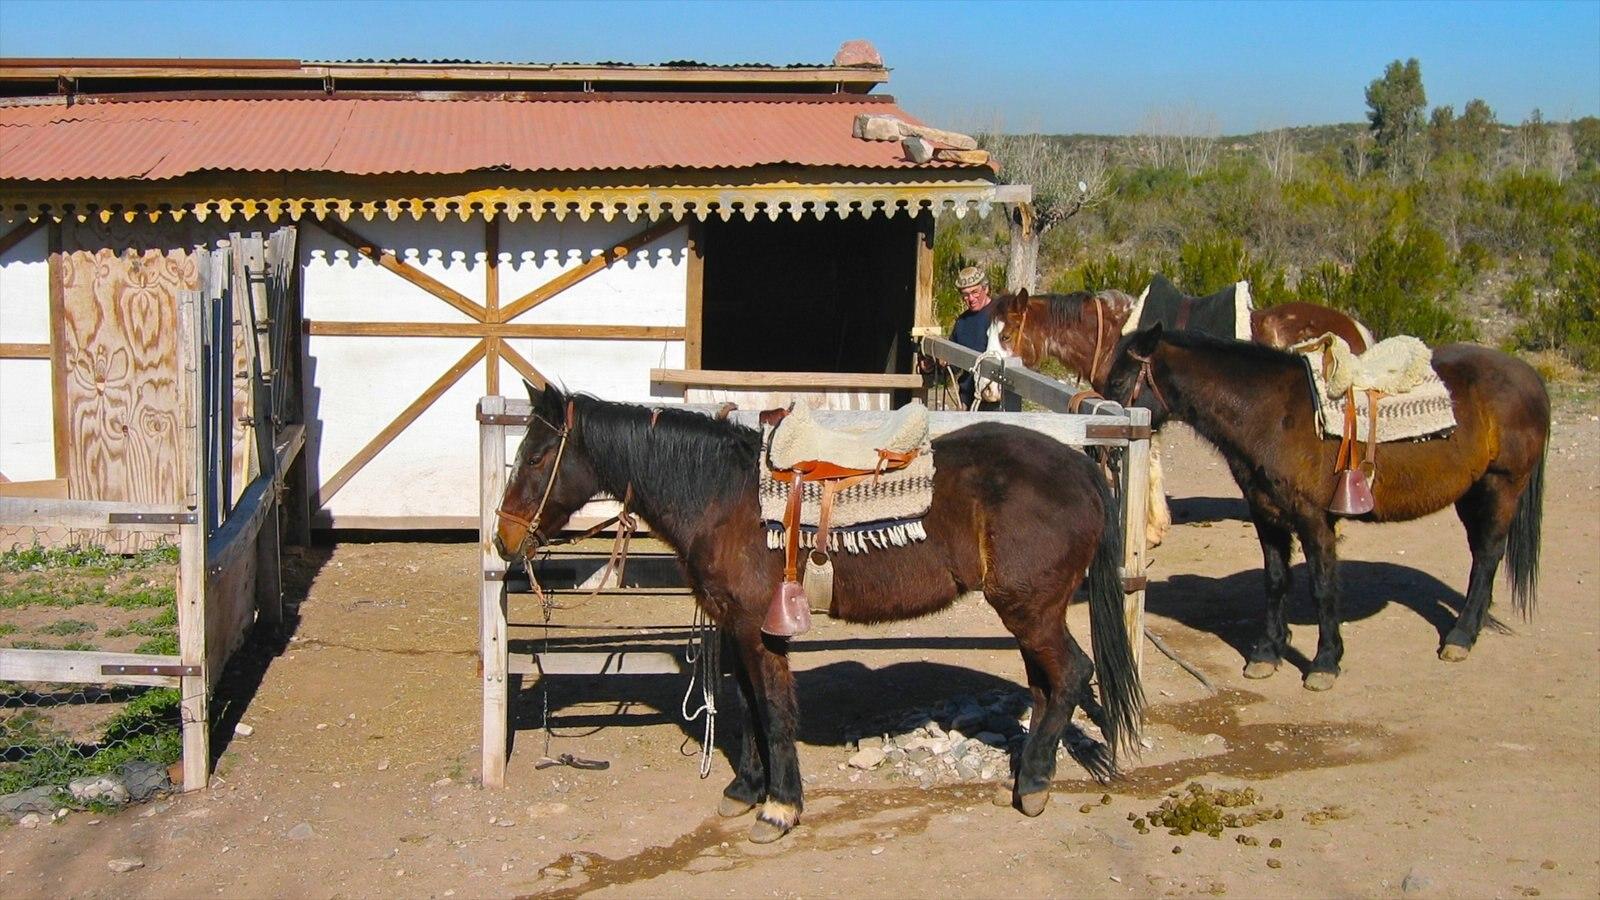 Região Vinícola de Mendoza mostrando uma casa, animais terrestres e cenas tranquilas